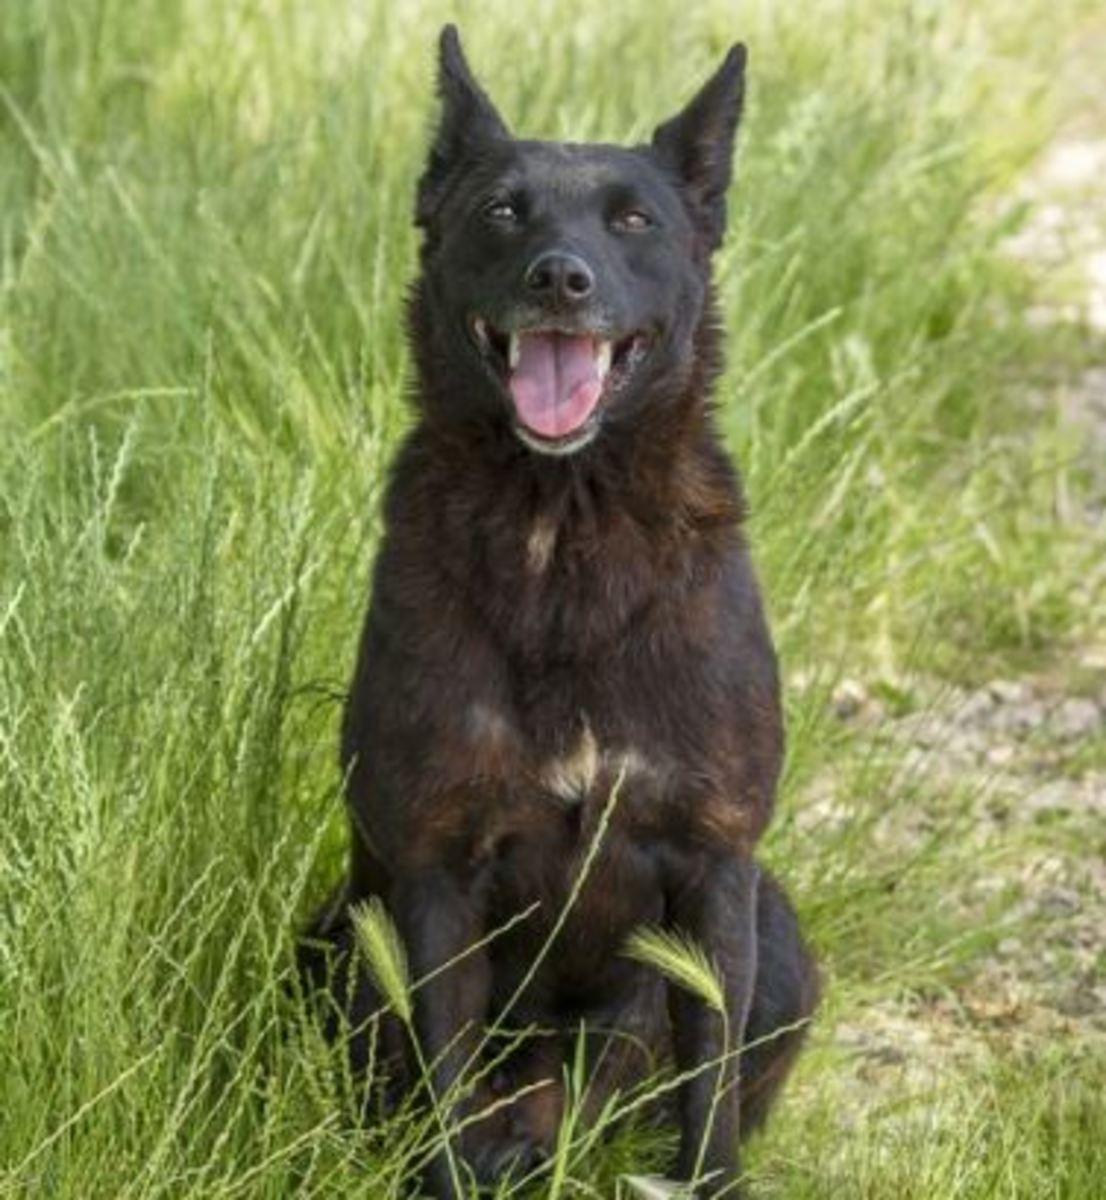 dog-shoulder-injury